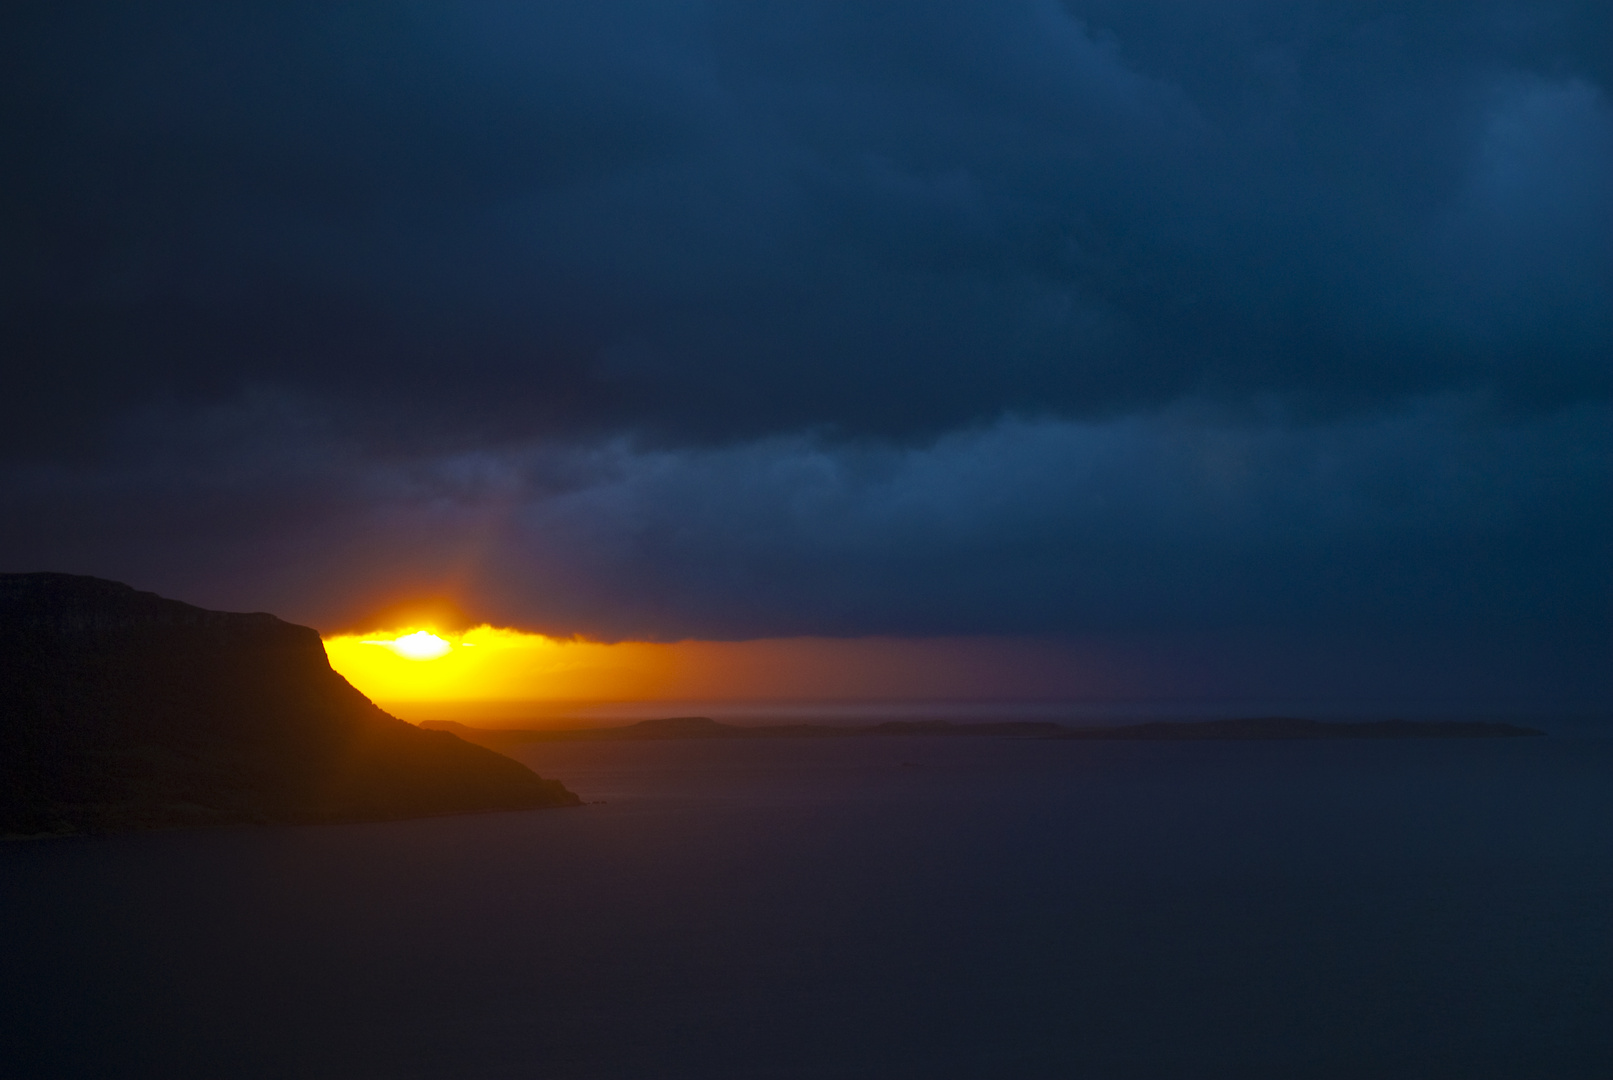 Wenn die Sonne ihre letzten Grüsse sendet